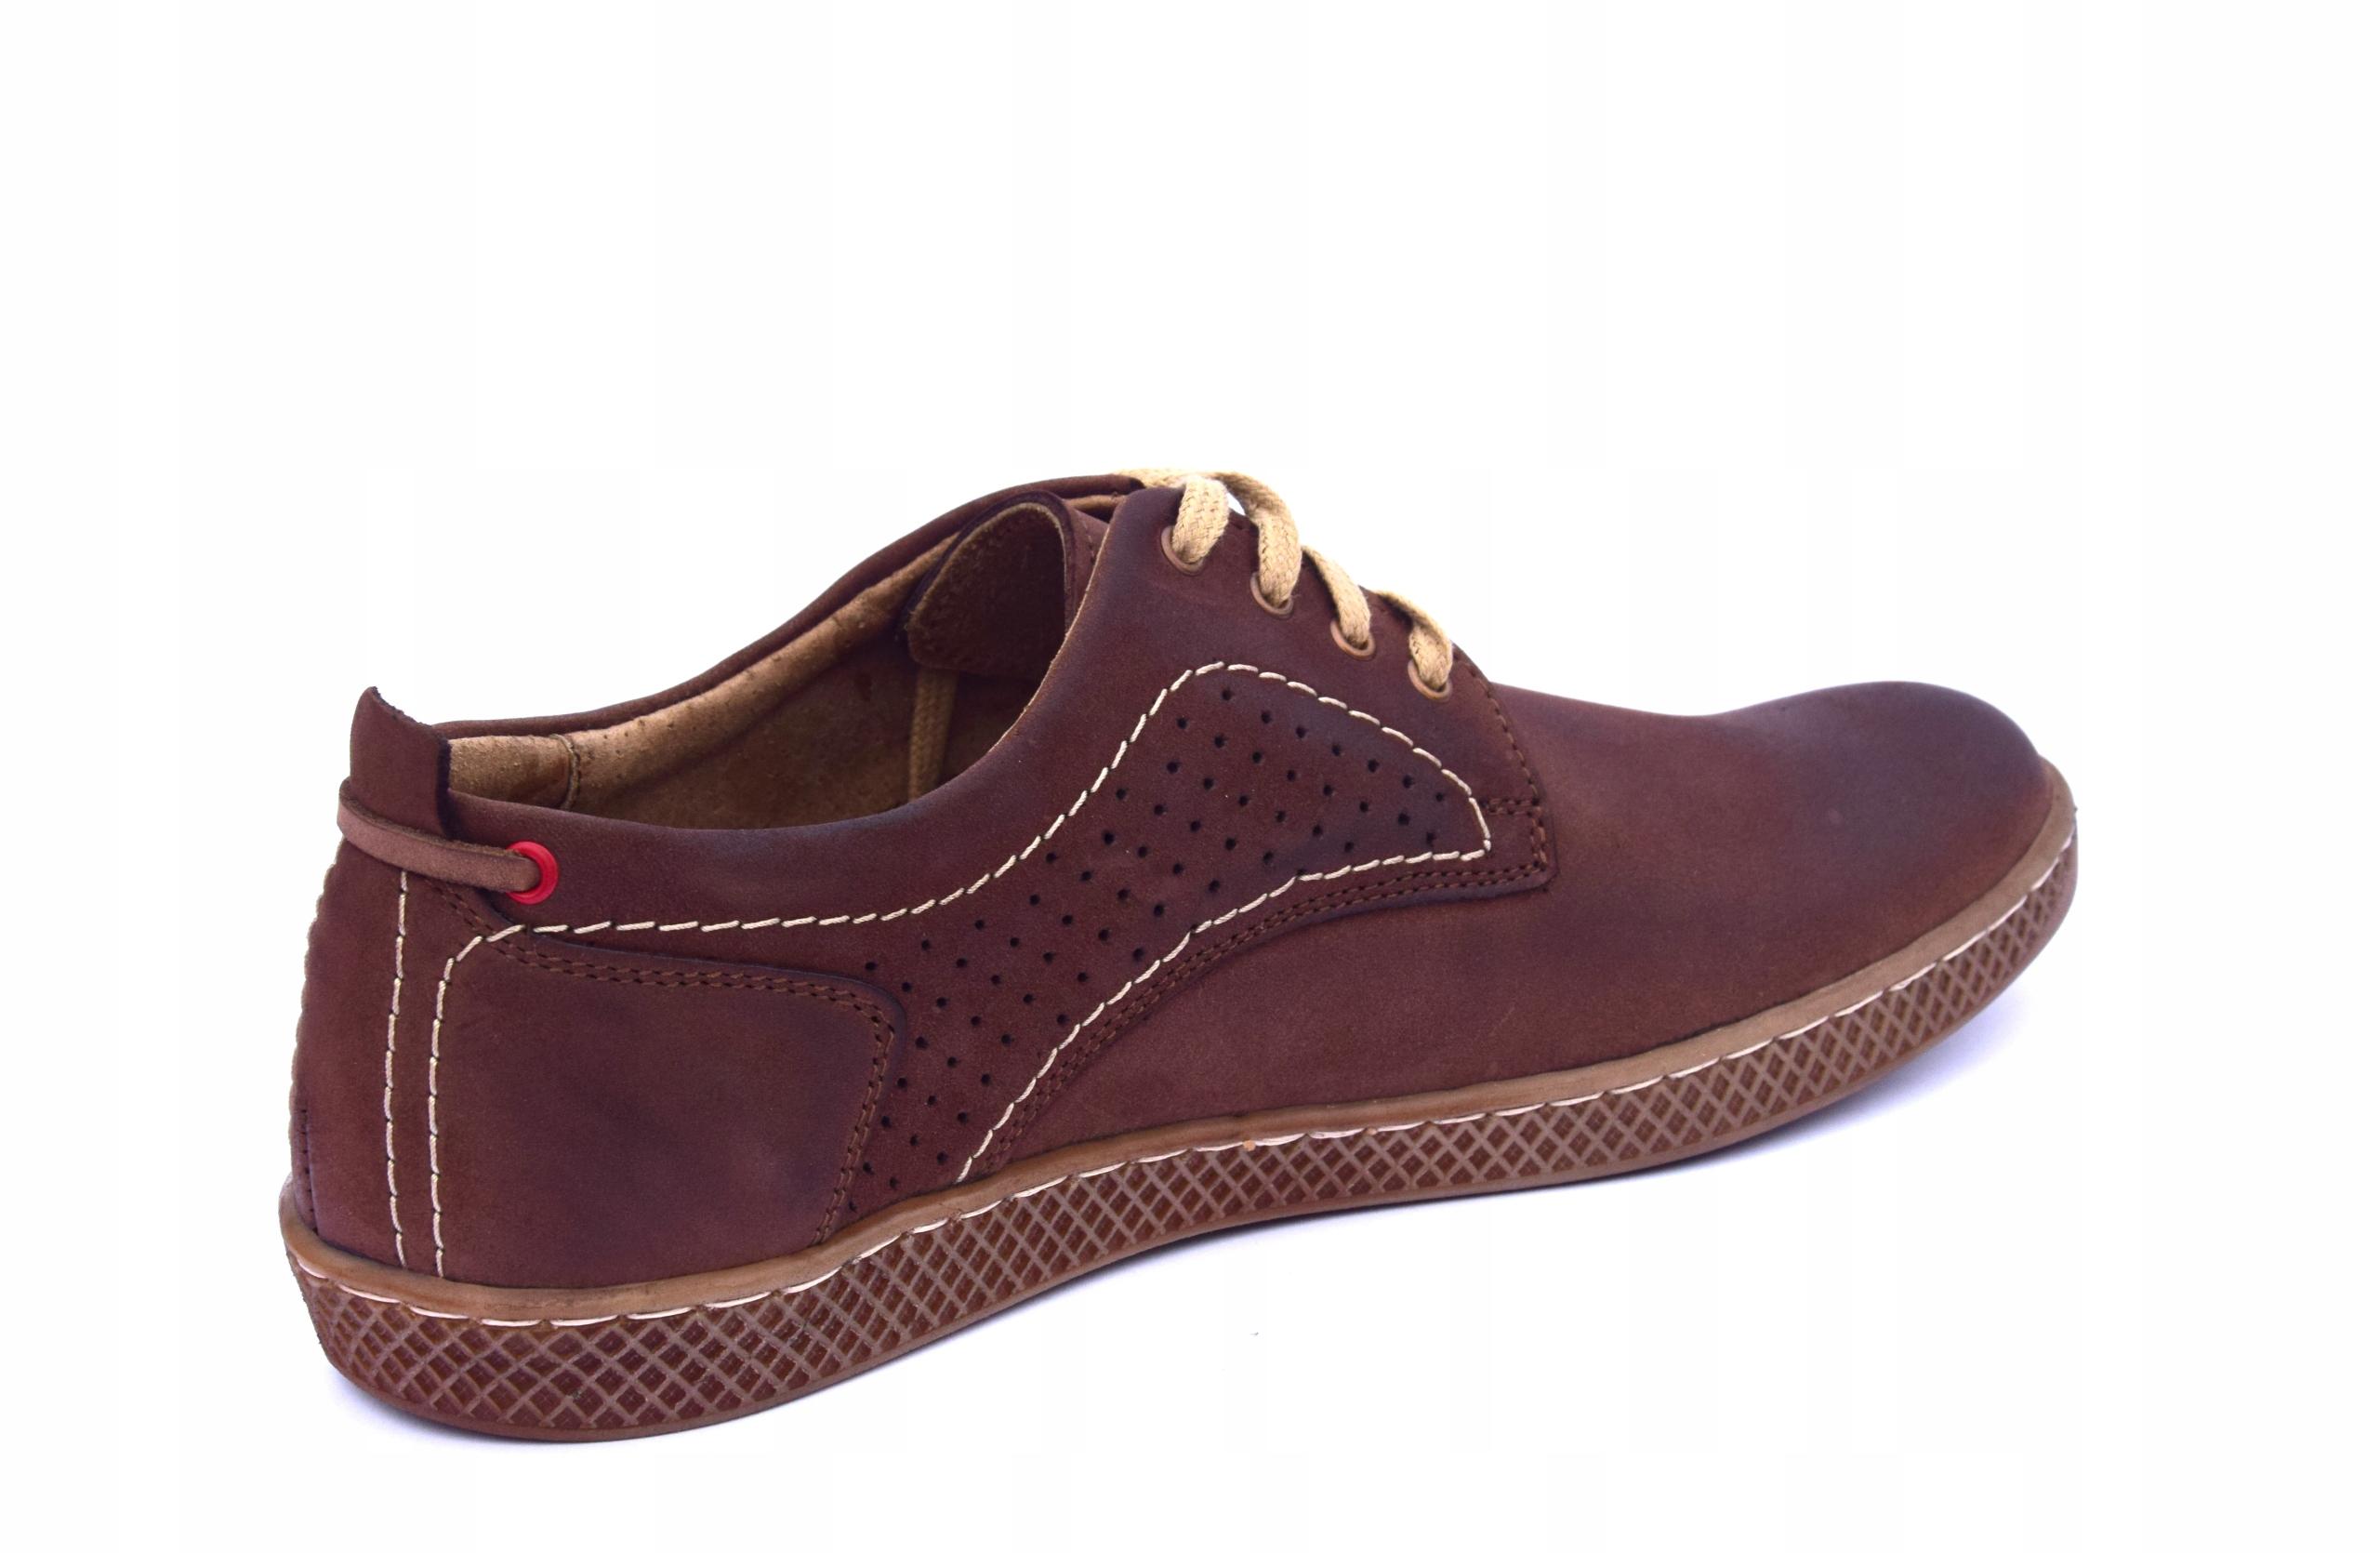 Półbuty skórzane męskie brązowe buty polskie 302 Długość wkładki 27 cm